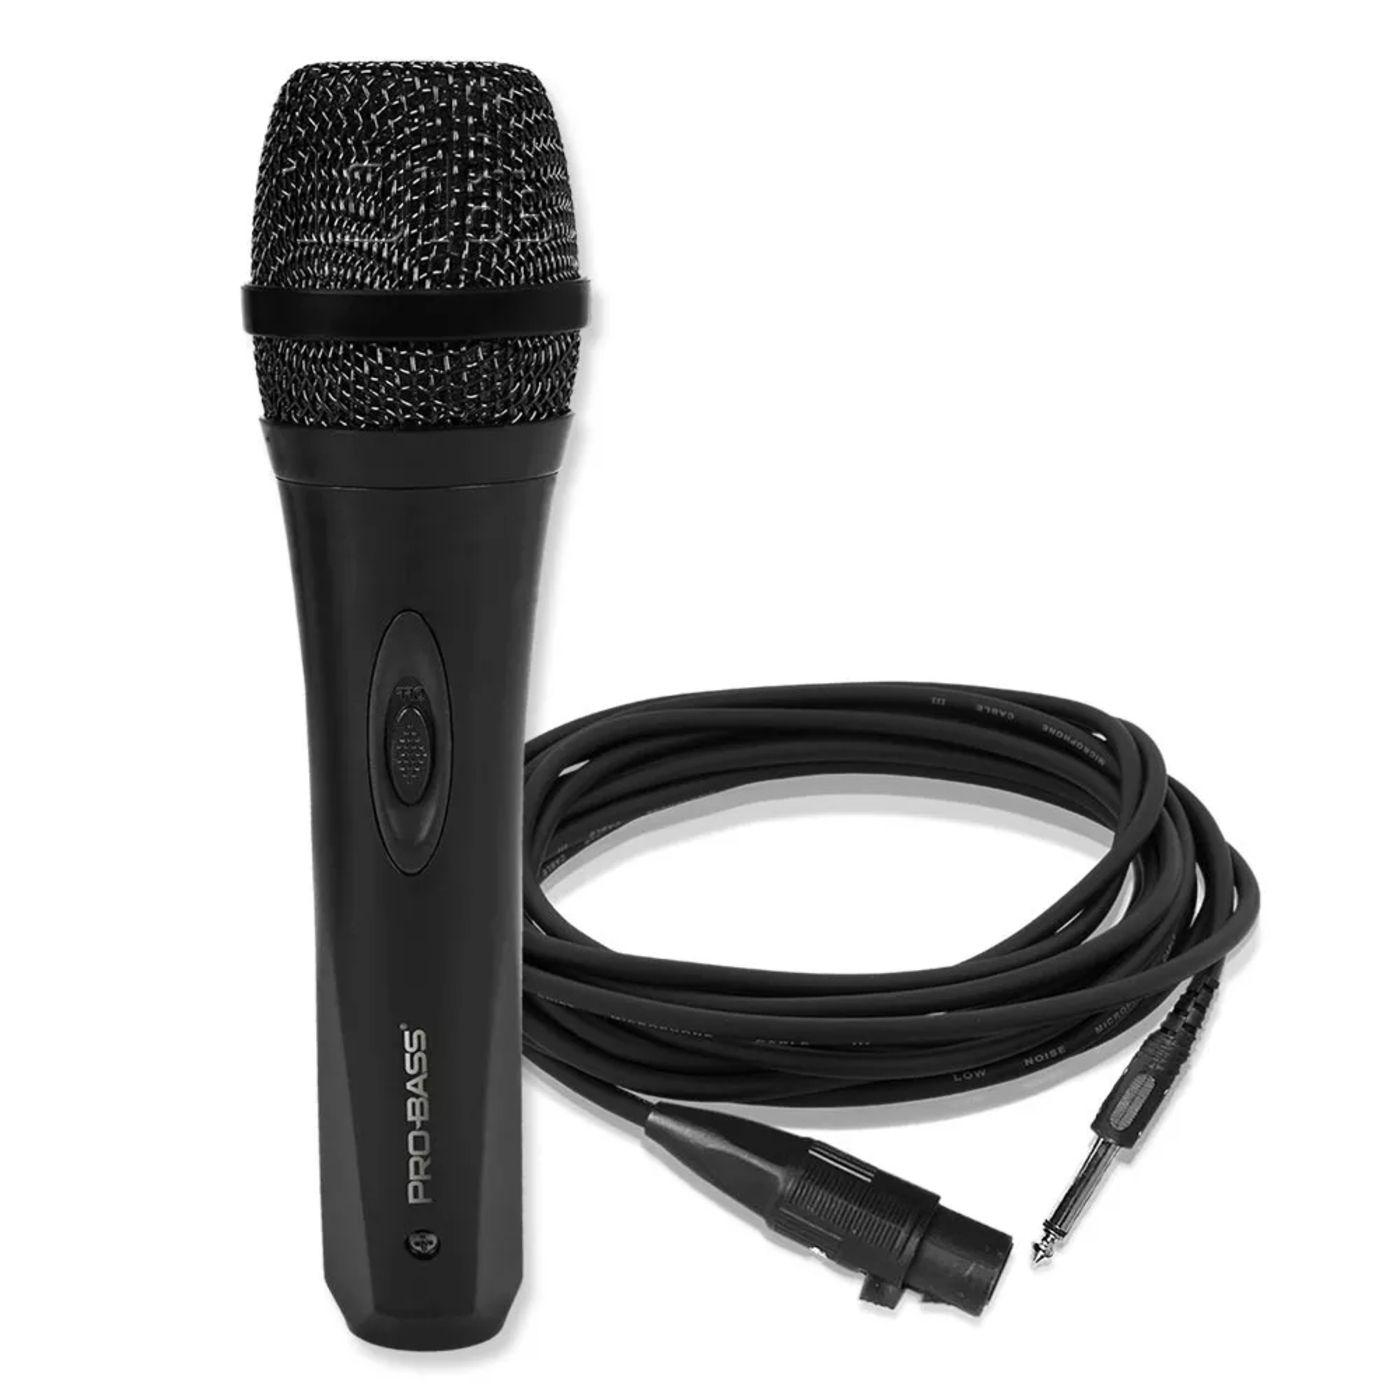 Microfone De Mão Com Fio Probass Pro Mic 500 Dinâmico